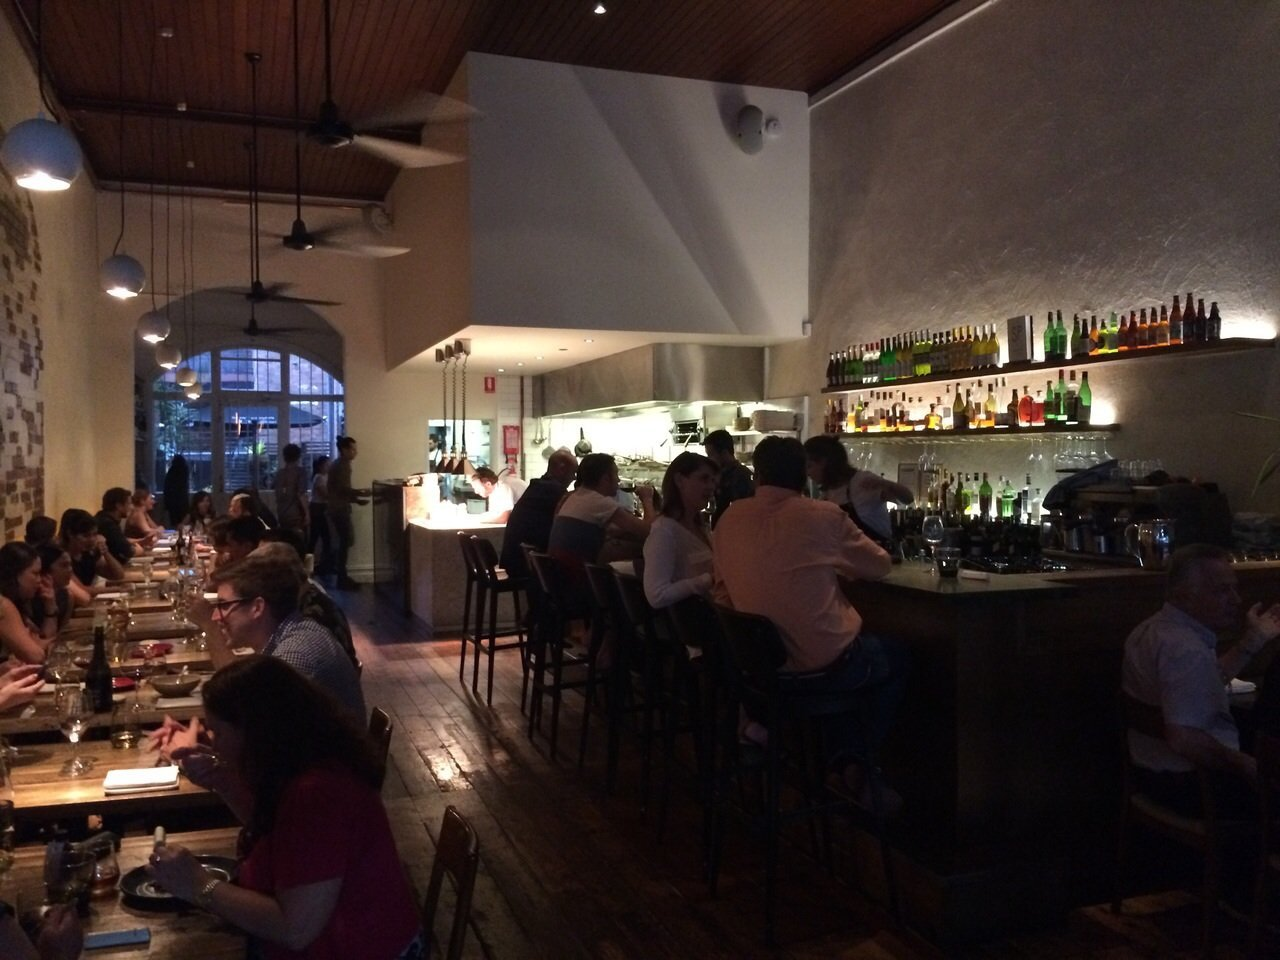 Masterchef Restaurant in Melbourne